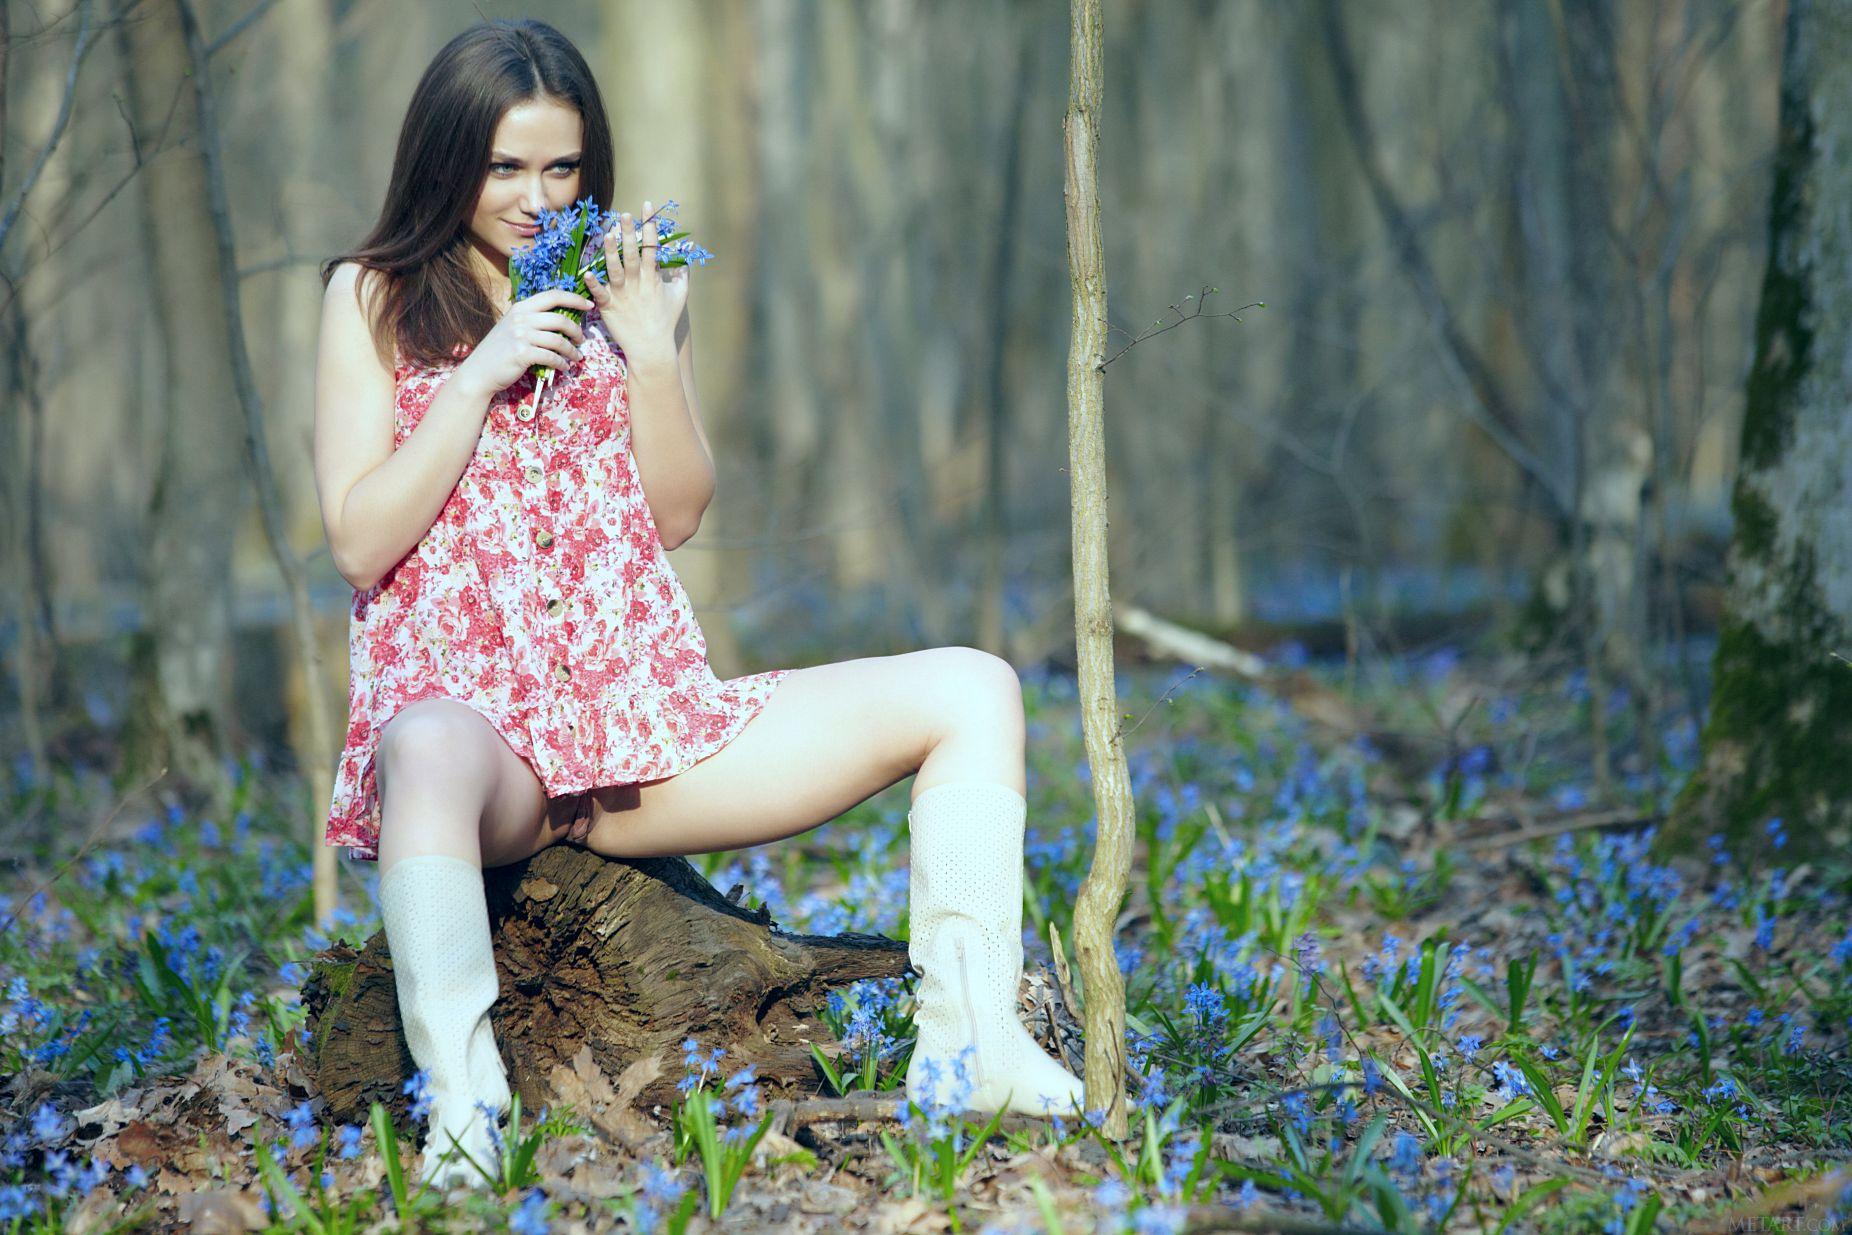 Фото короткие платья без трусиков, Девушка в коротком платье без трусиков. Фото 5 фотография